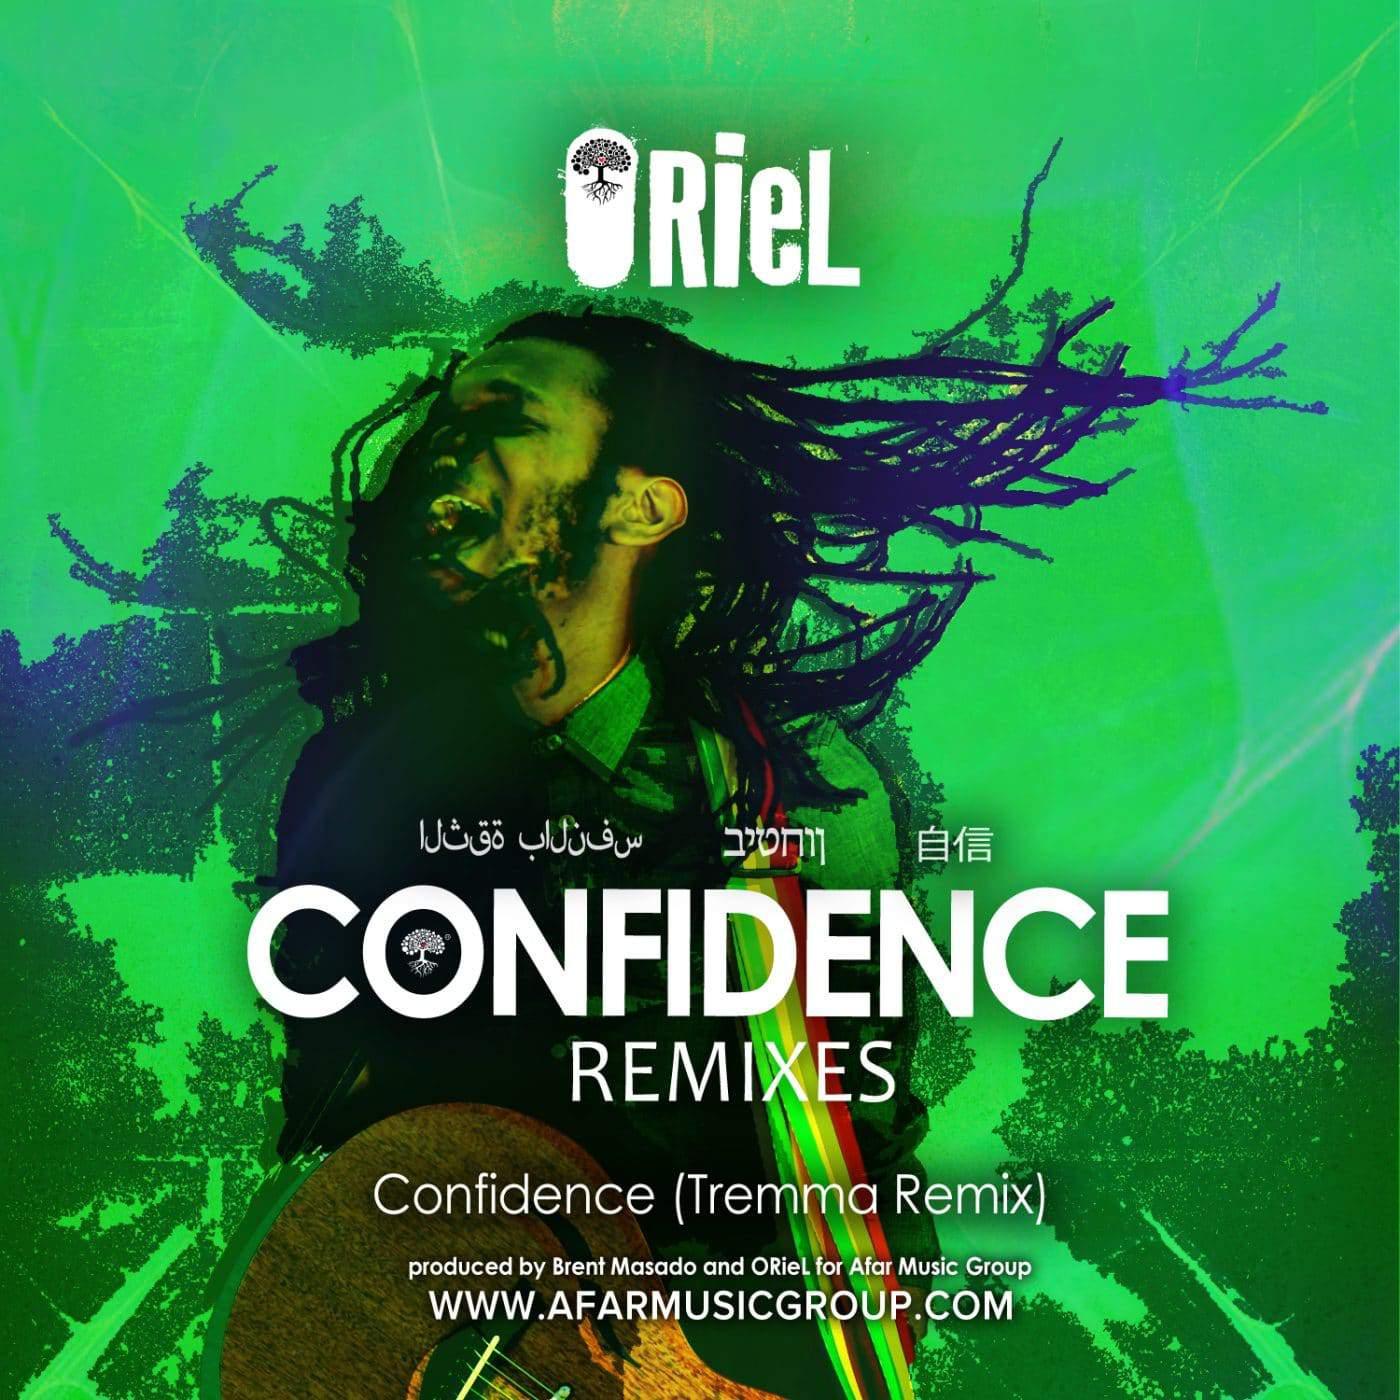 ORieL - Confidence Tremma Remix - Afar Music Group